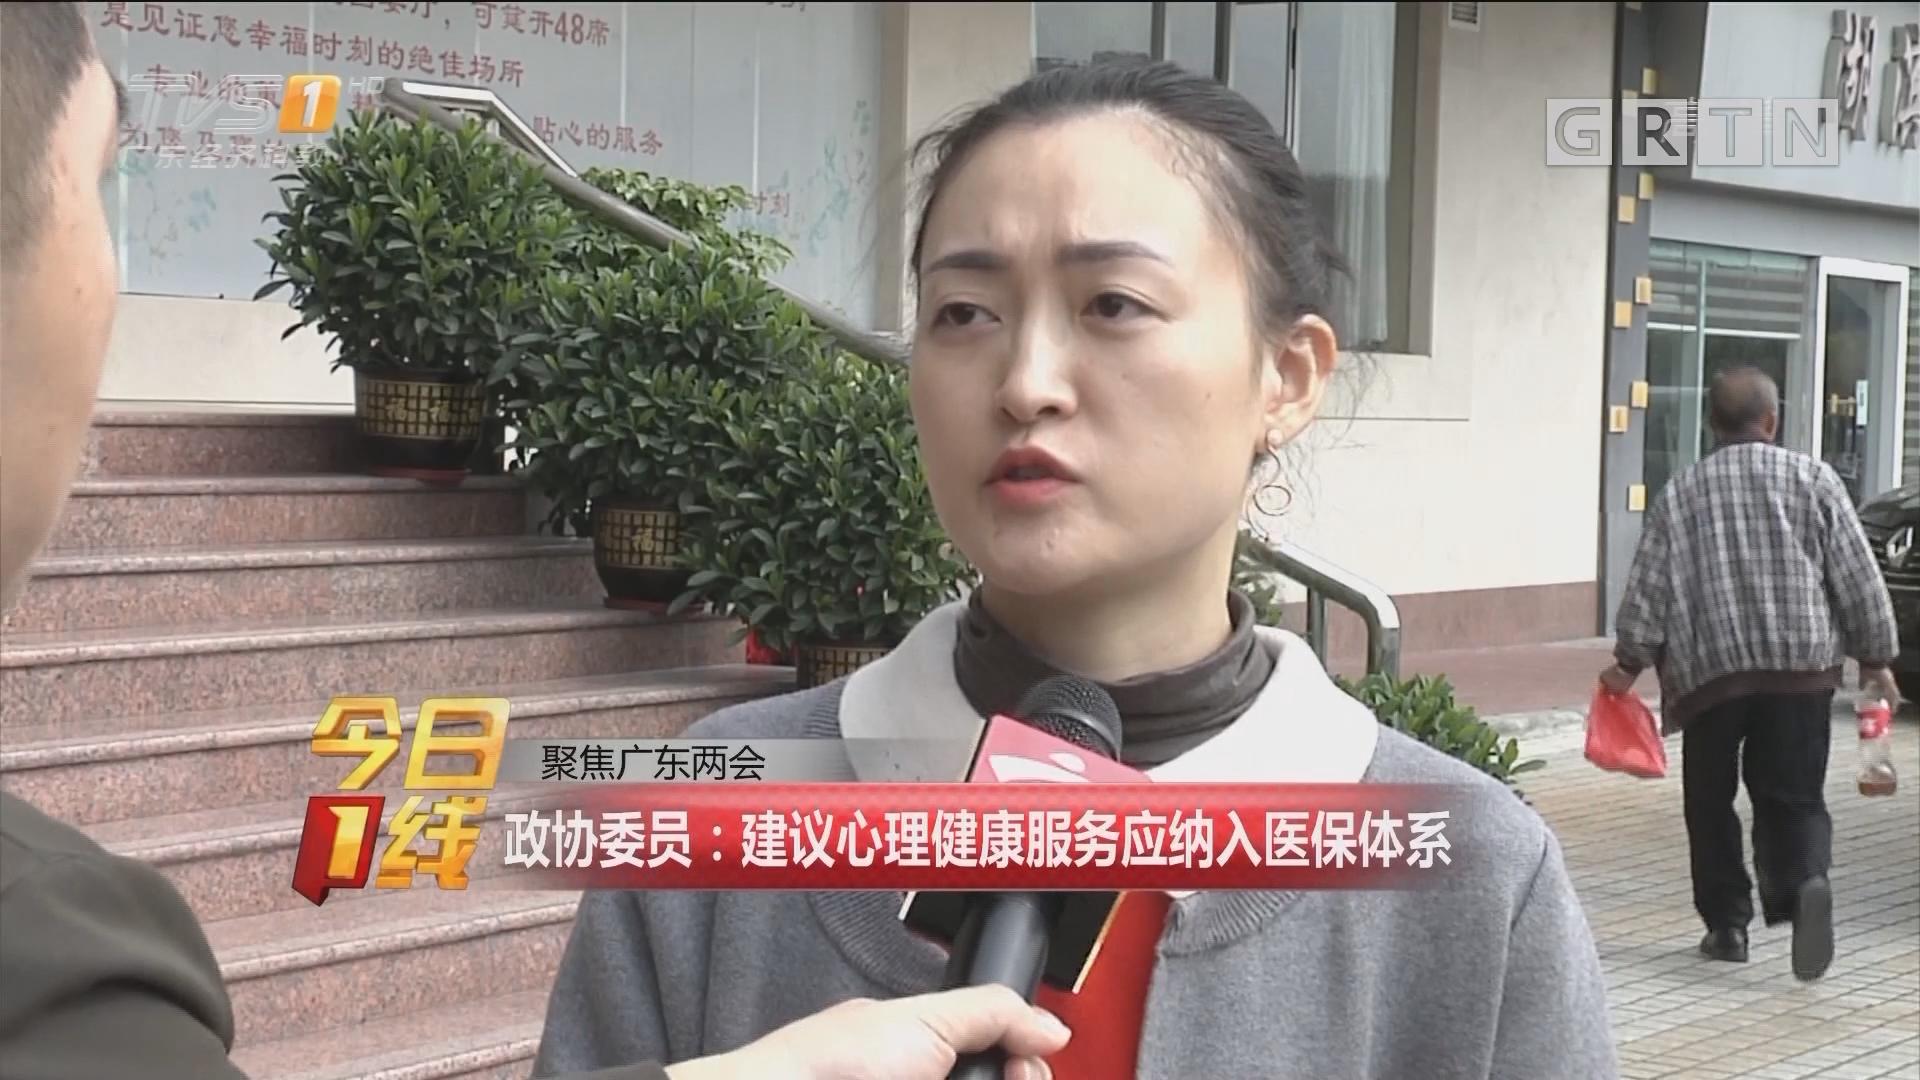 聚焦广东两会 政协委员:建议心理健康服务应纳入医保体系